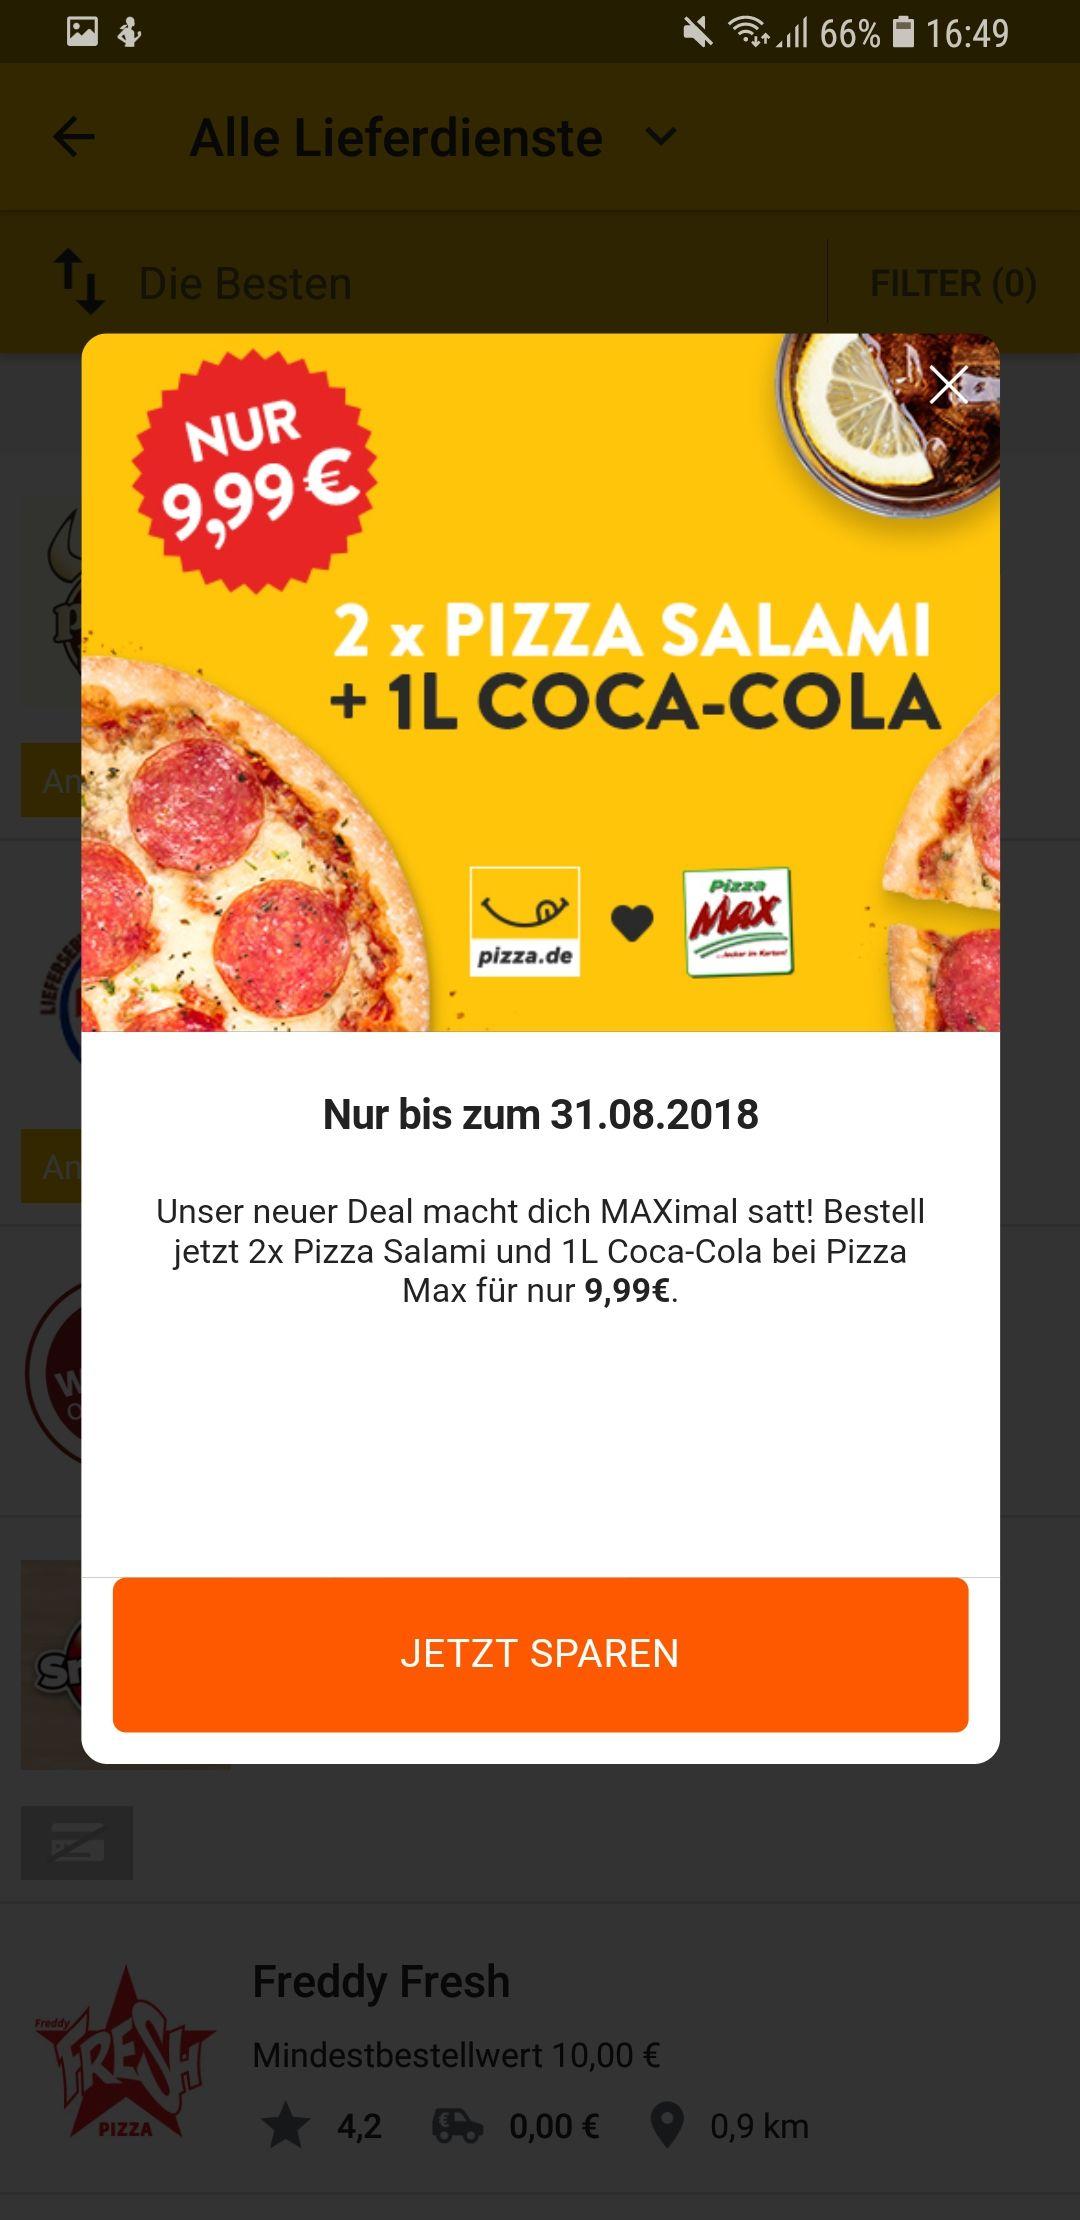 Pizza.de: Pizza Max: zwei Salamipizzen je 26cm und 1L Coke für 9,99€ in 5 Bundesländern Hamburg, Schleswig-Holstein, Berlin, Brandenburg, Sachsen-Anhalt [gültig bis 31.08.] Payback möglich